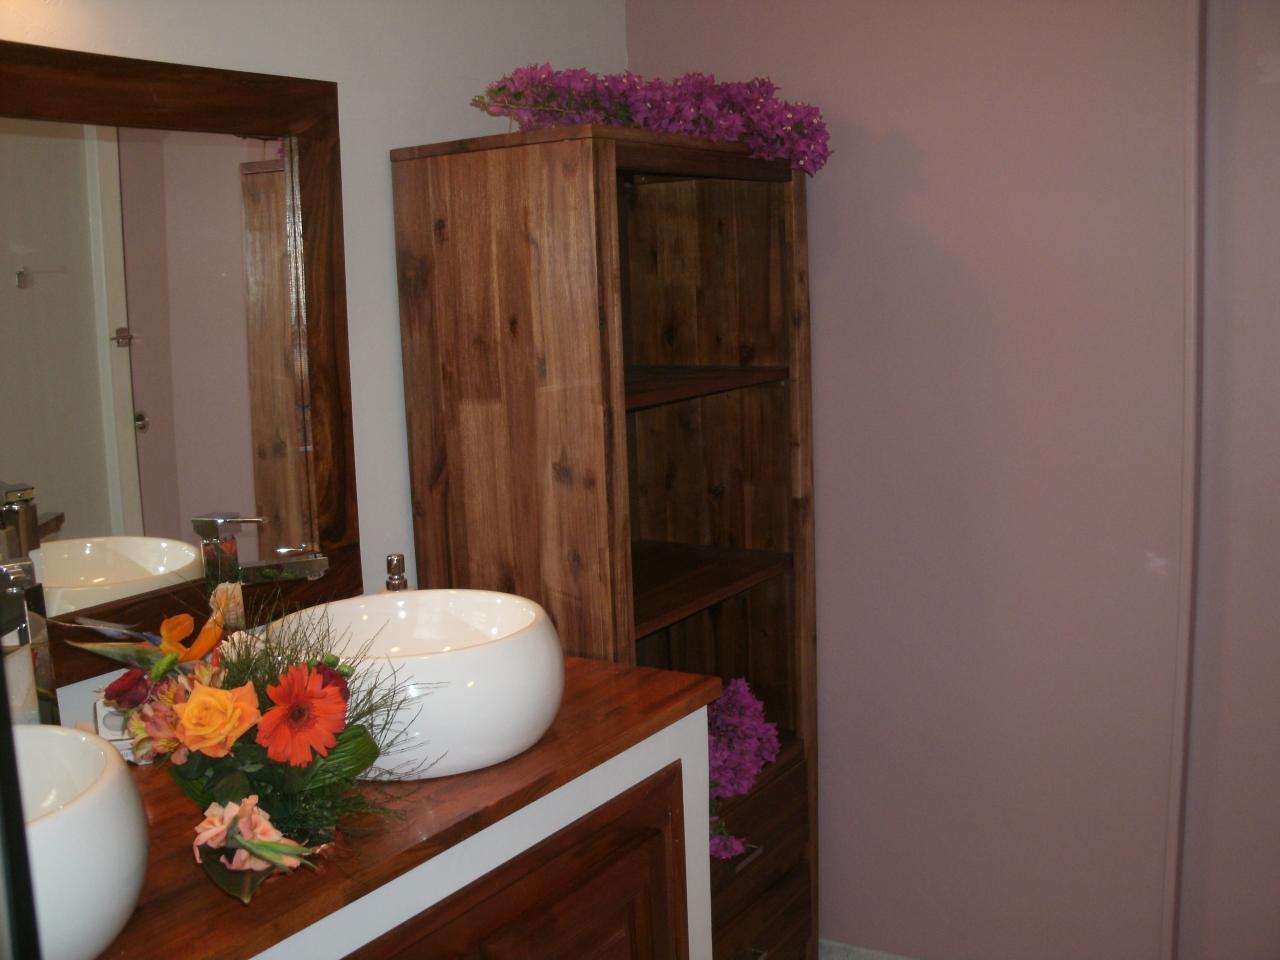 meuble de rangement dans la salle de bain